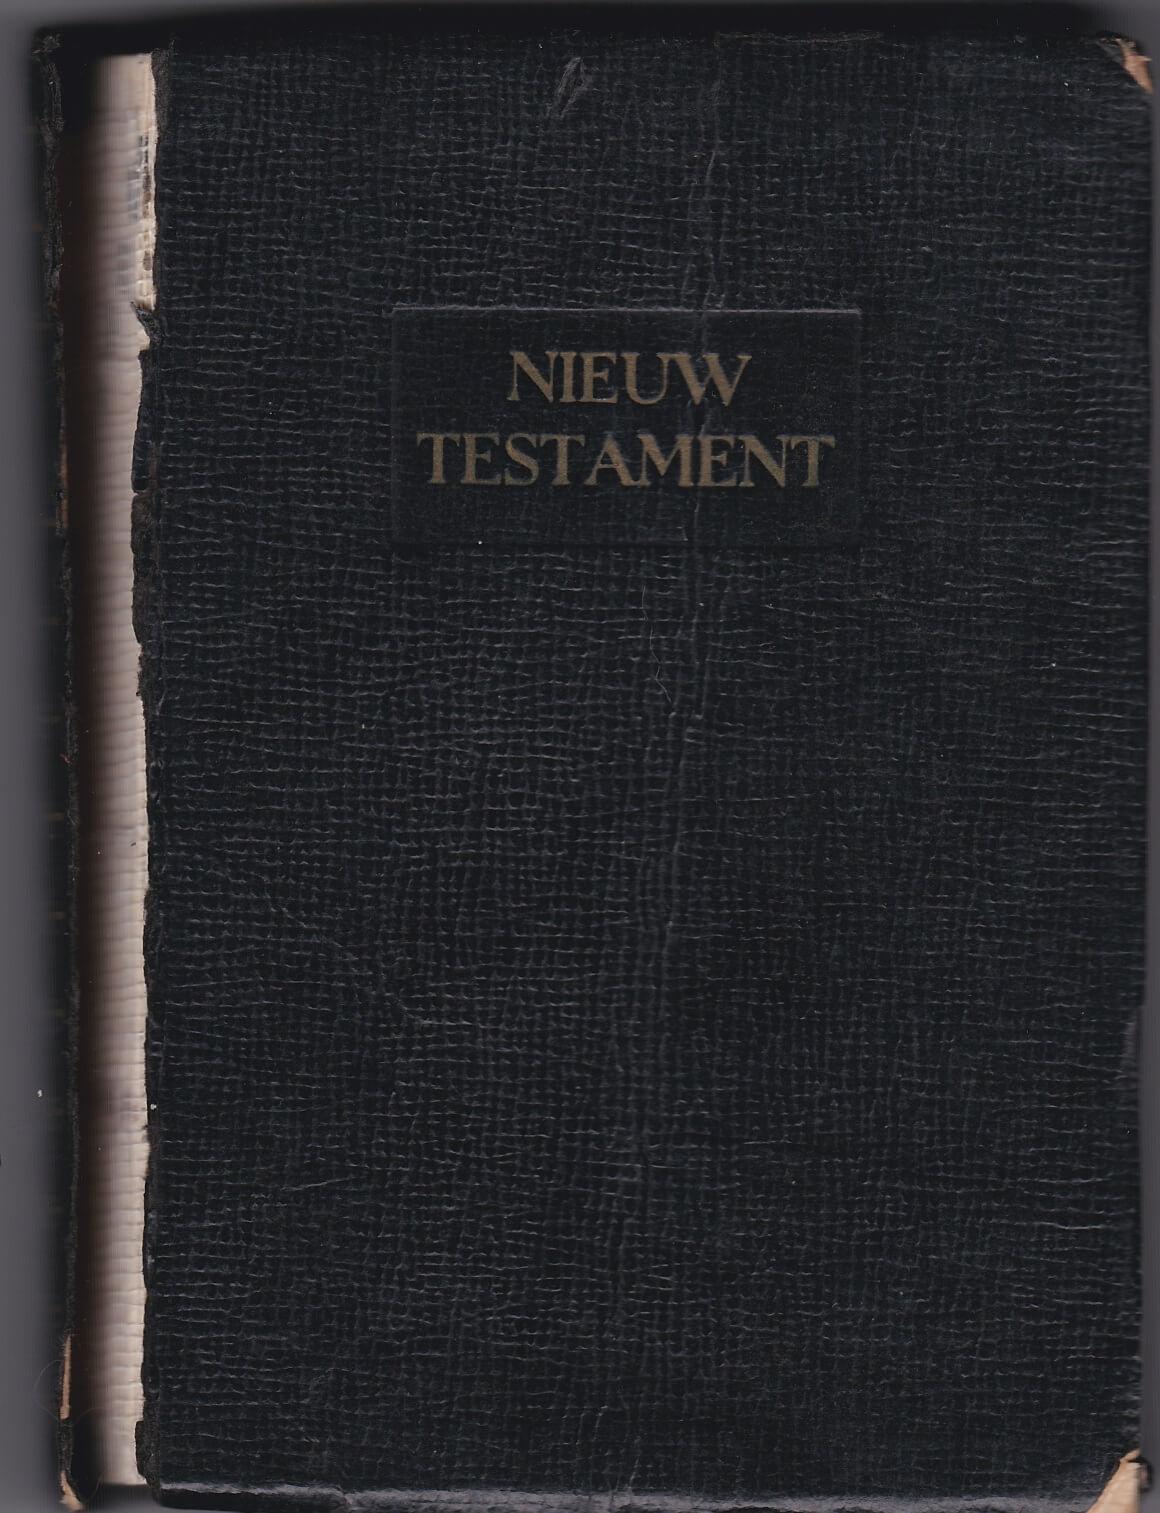 Nederlands bijbel genootschap 1940